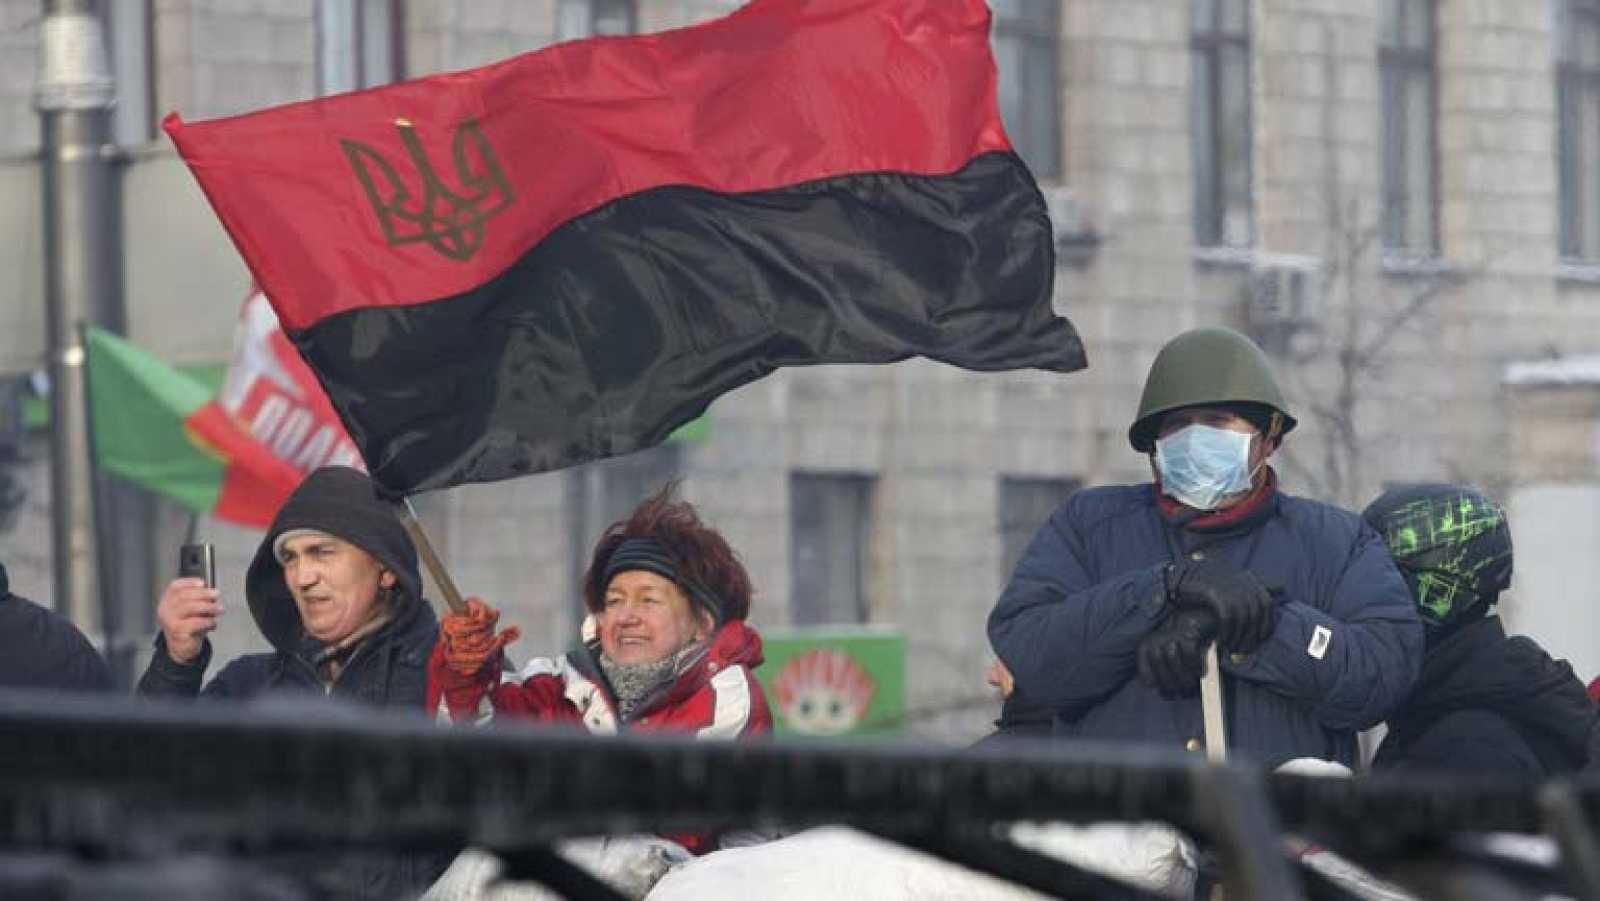 El Parlamento ucraniano debate una ley de amnistía para los participantes en los disturbios